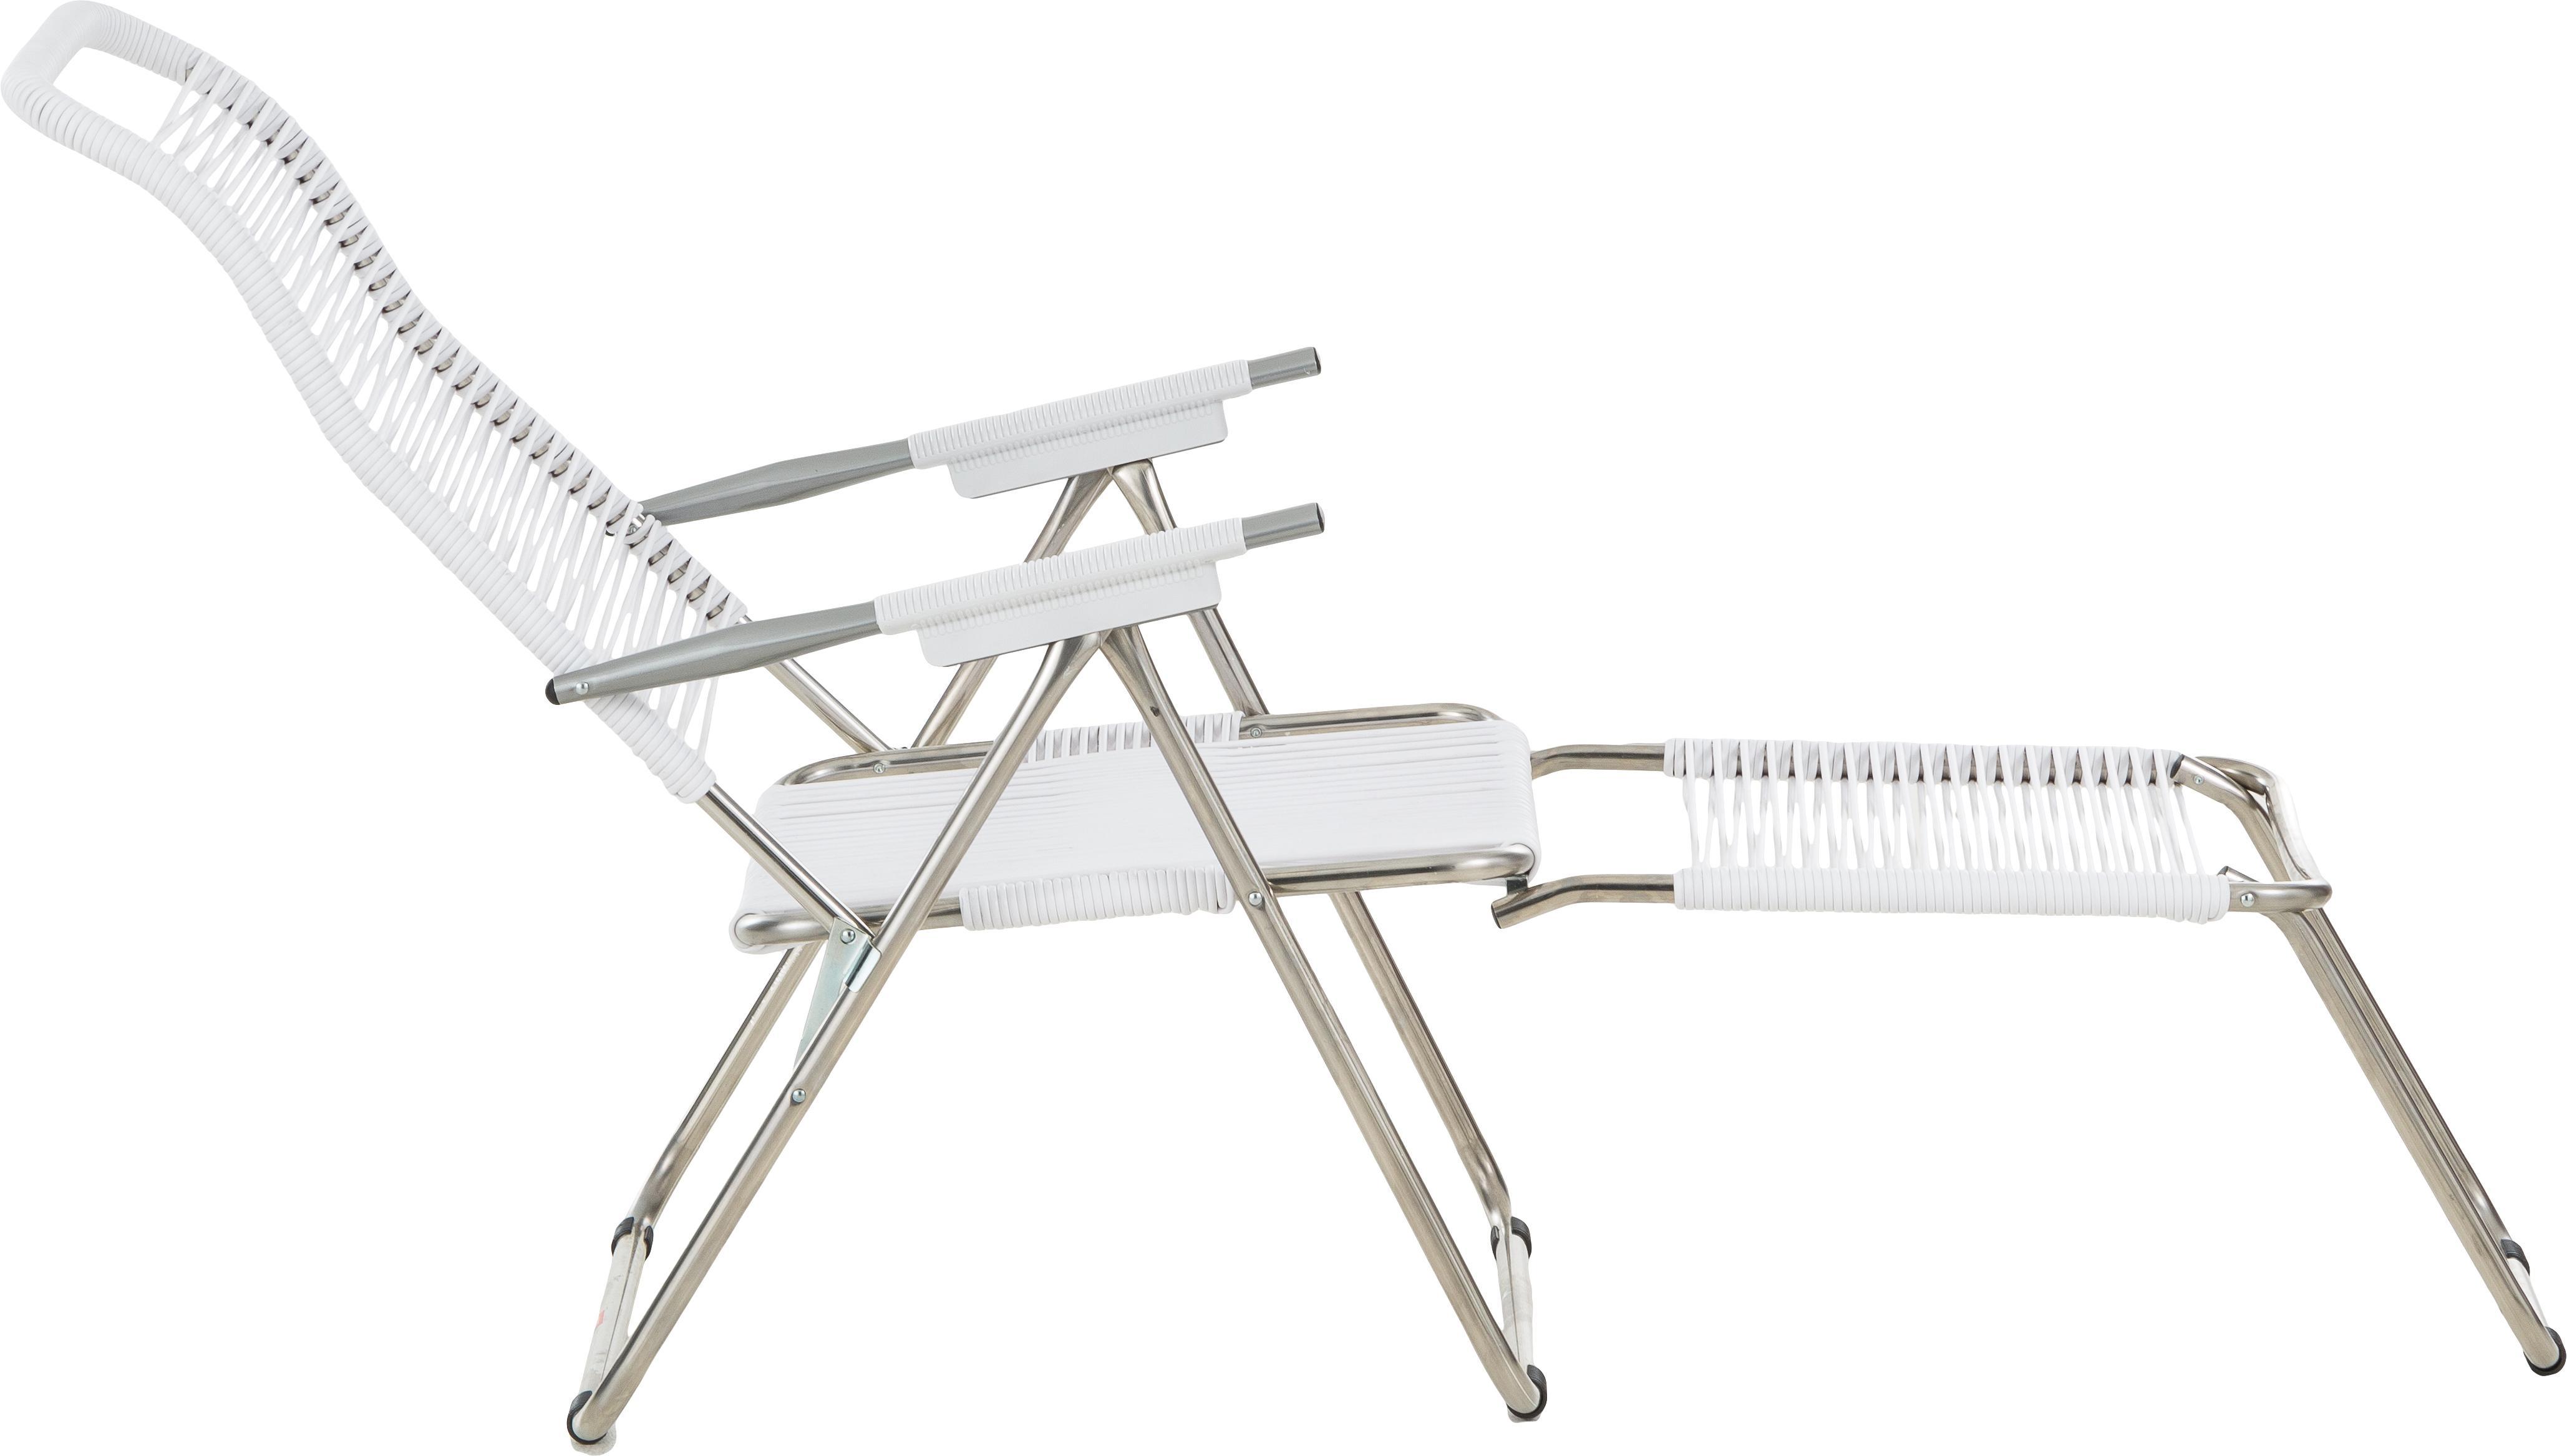 Transat de jardin avec repose-pieds Spaghetti, Blanc